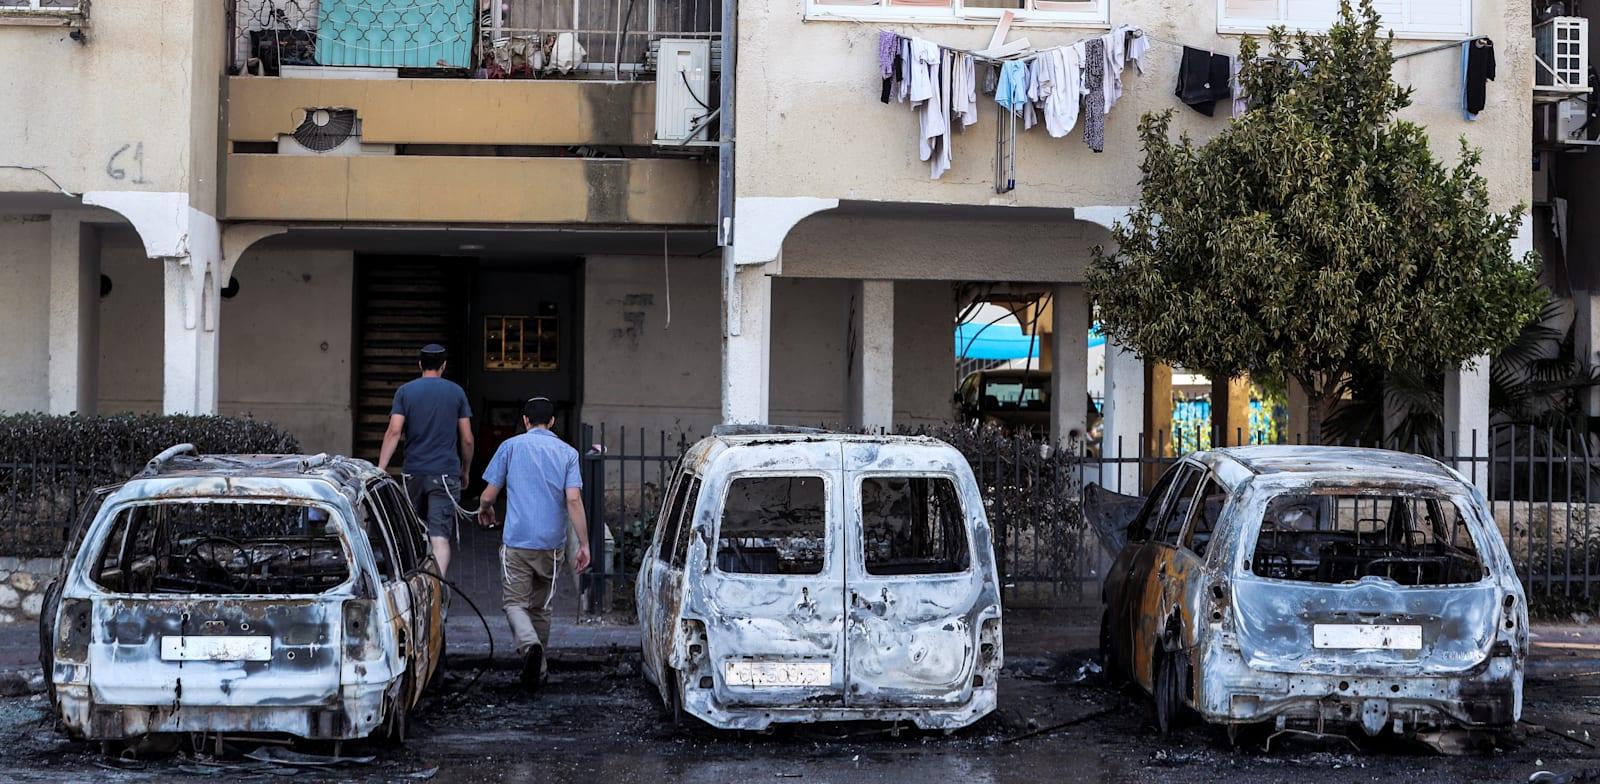 כלי רכב שורפים בלוד לאחר לילה של התפרעויות אלימות / צילום: Reuters, Ronen Zvulun